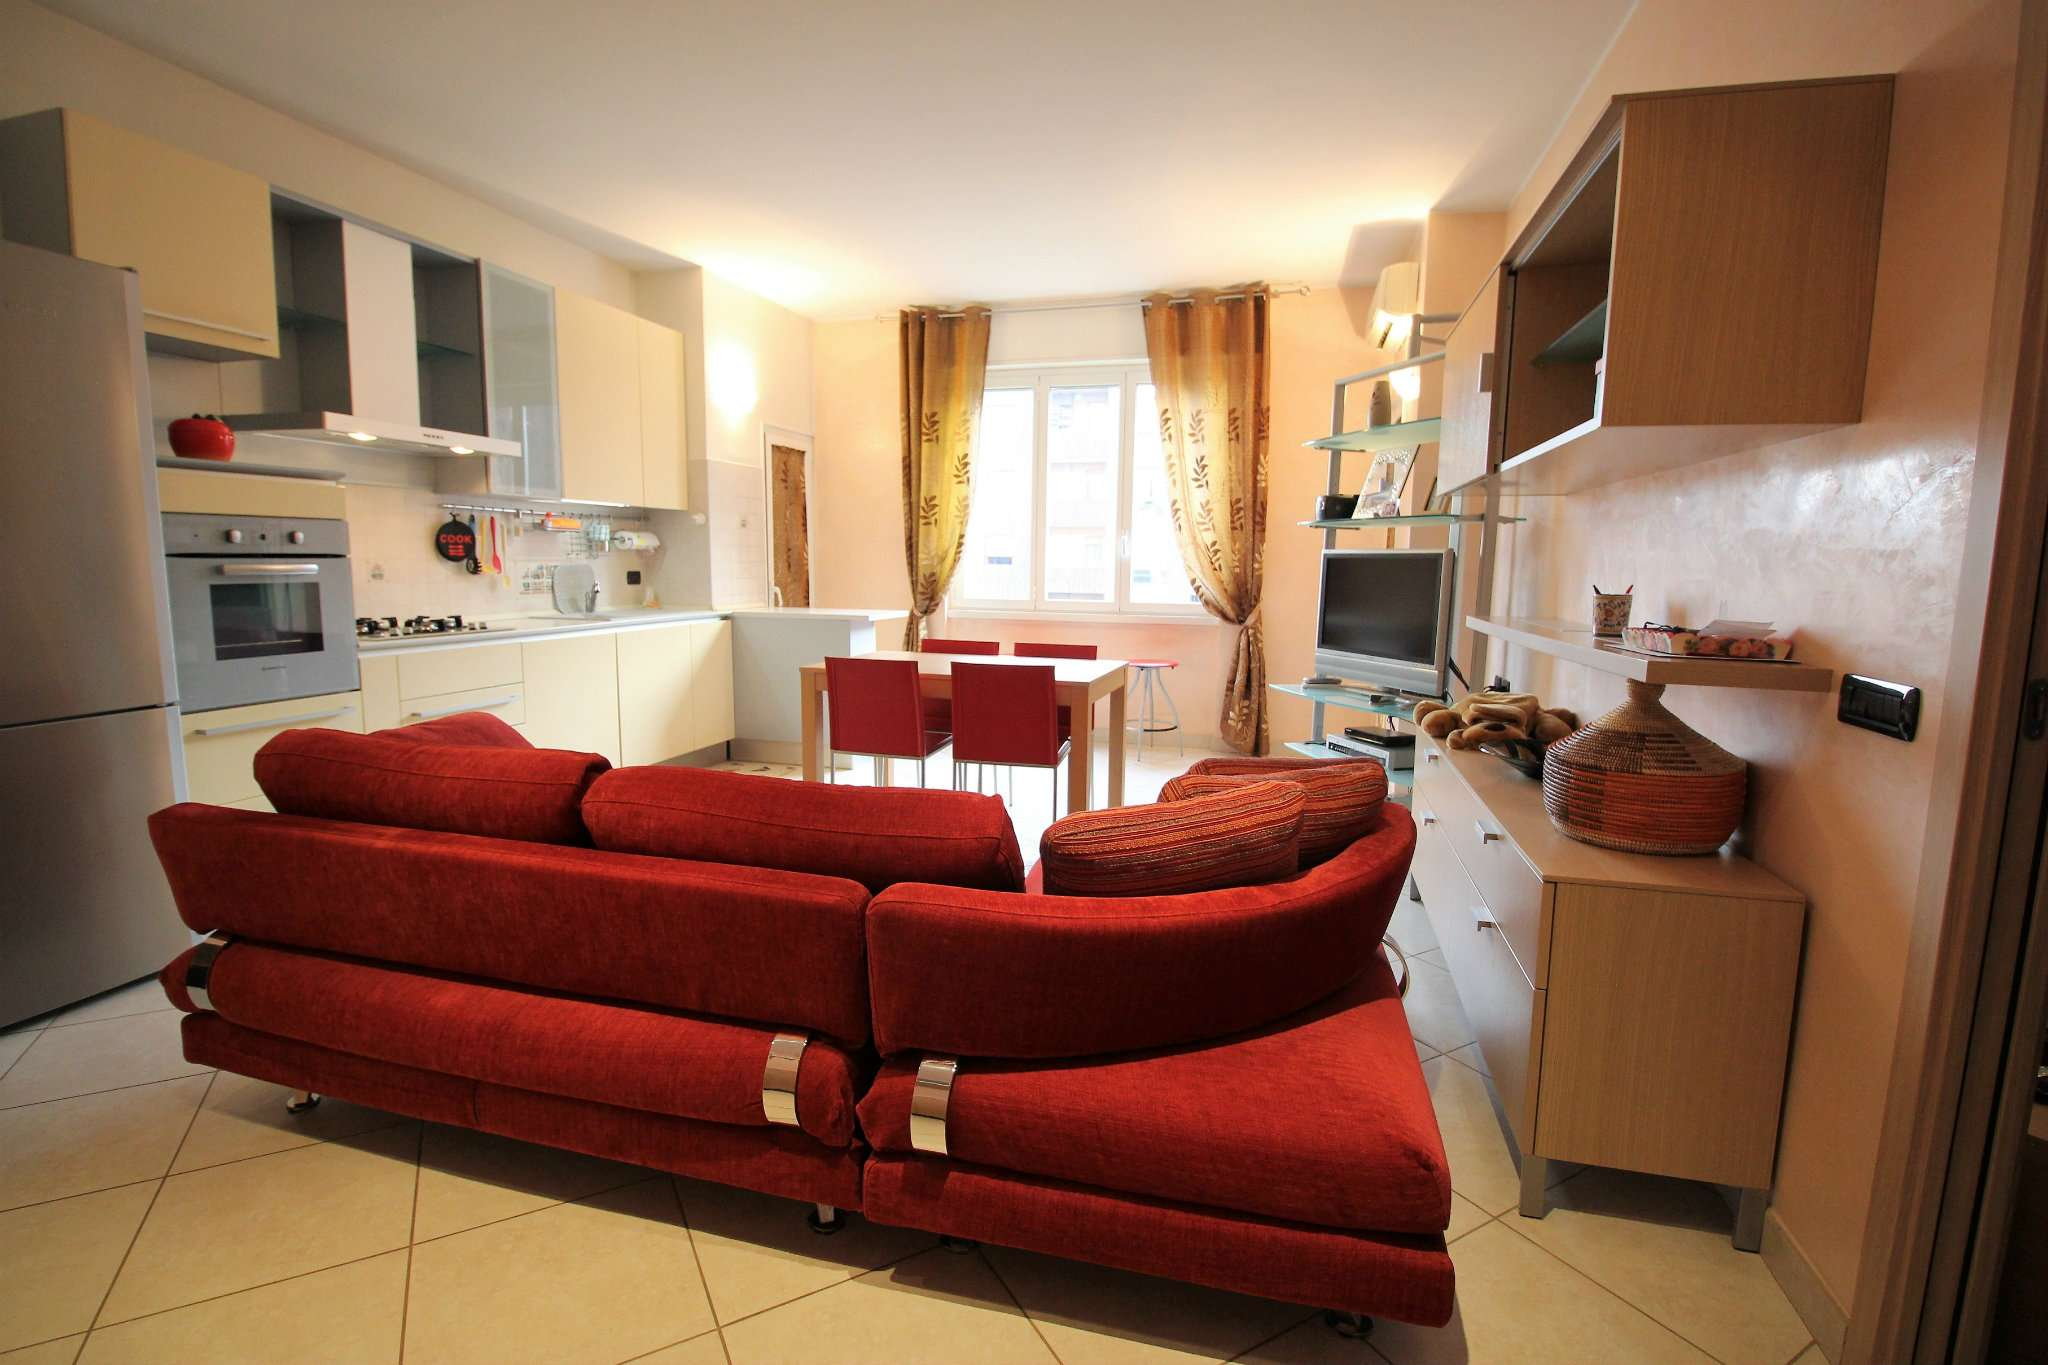 Appartamento in vendita a Bresso, 2 locali, prezzo € 128.000 | CambioCasa.it